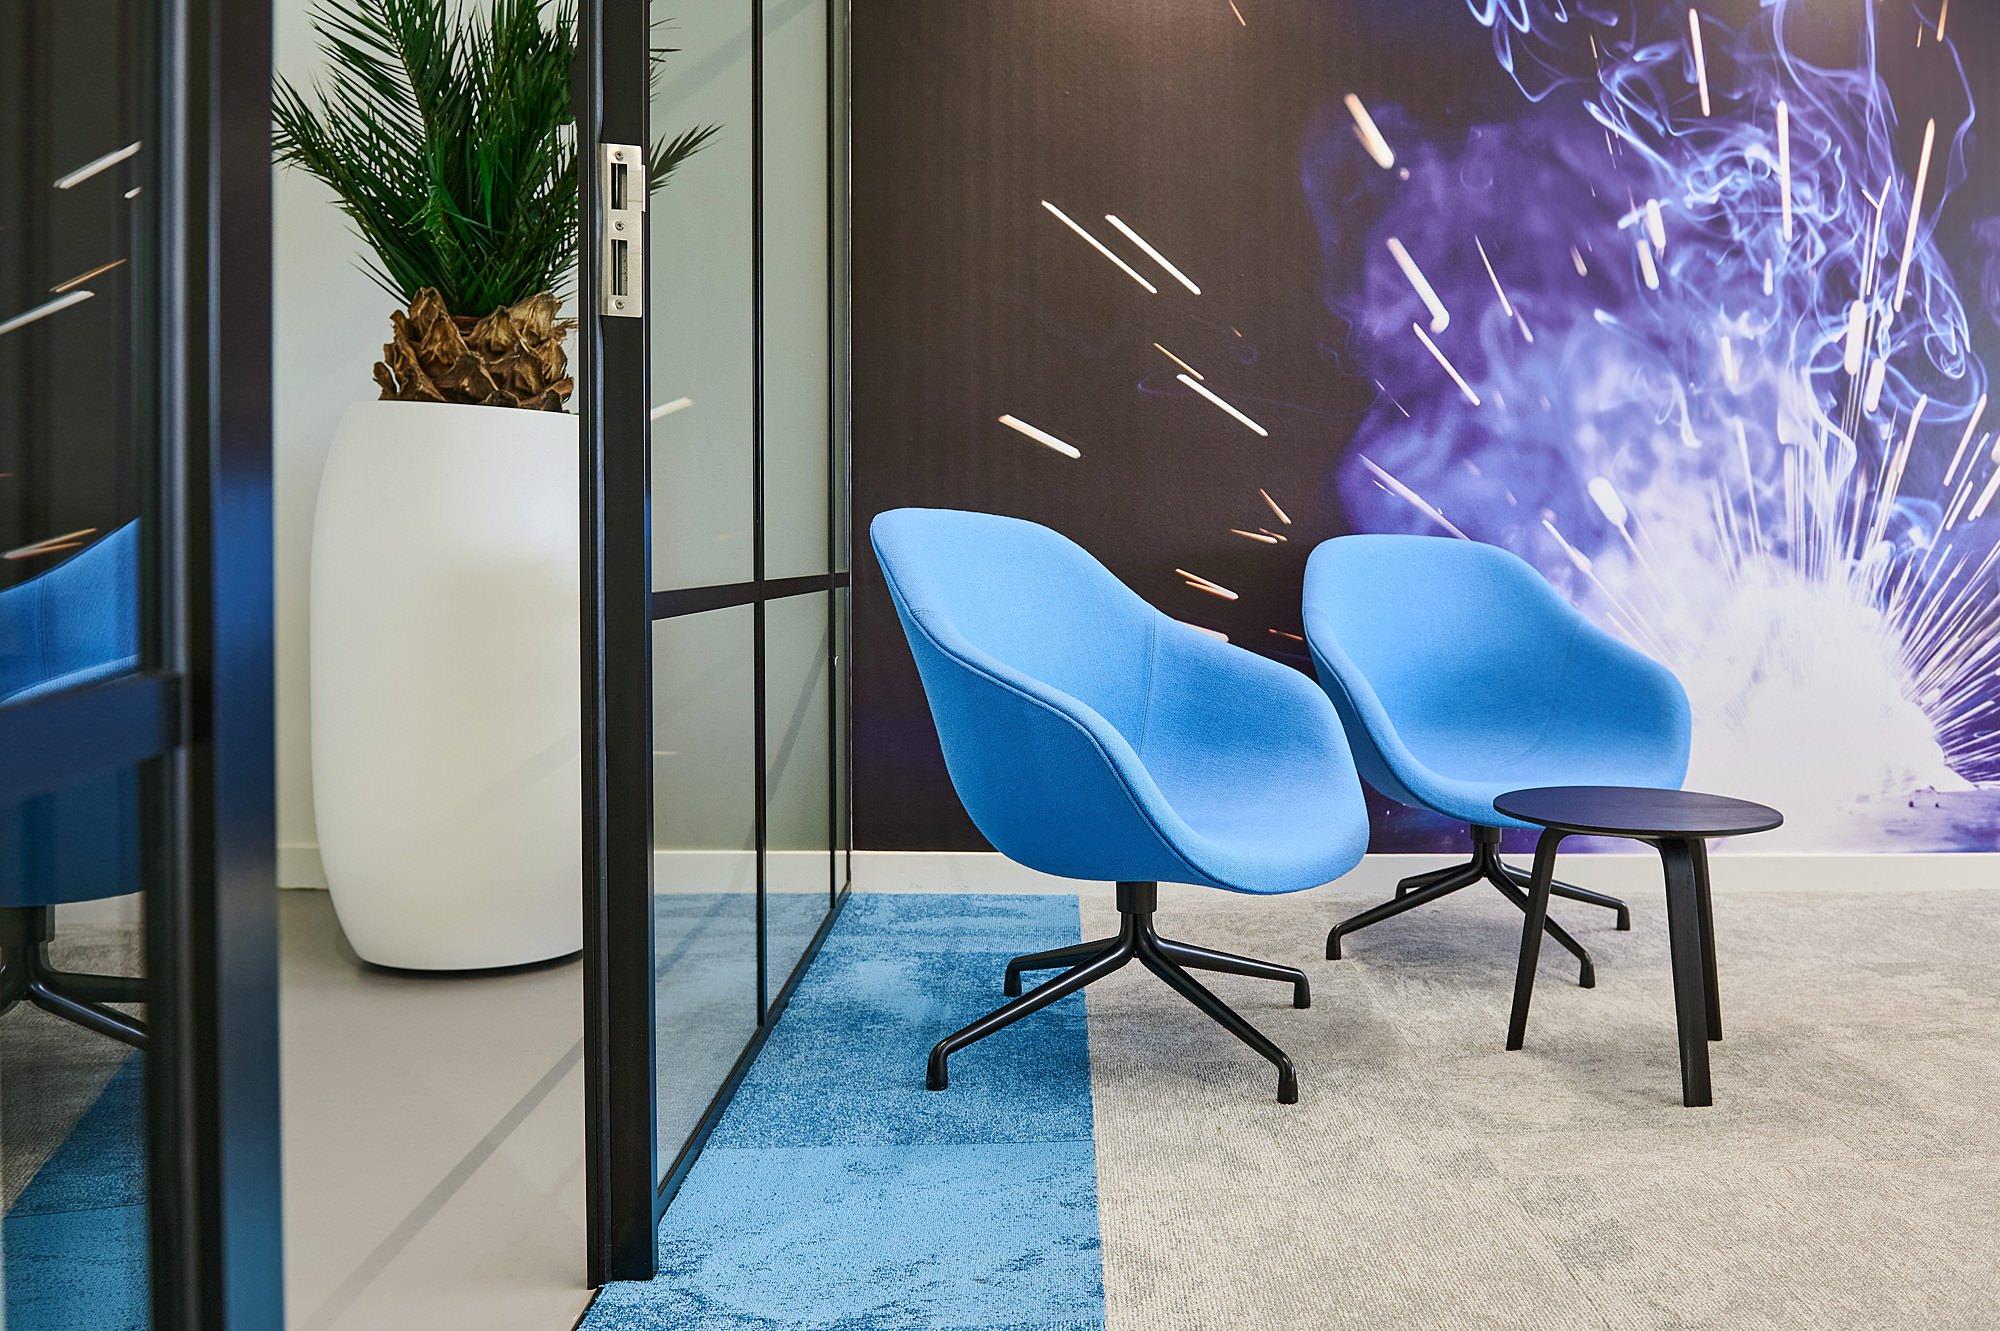 interieurreportage_kantoor_0027